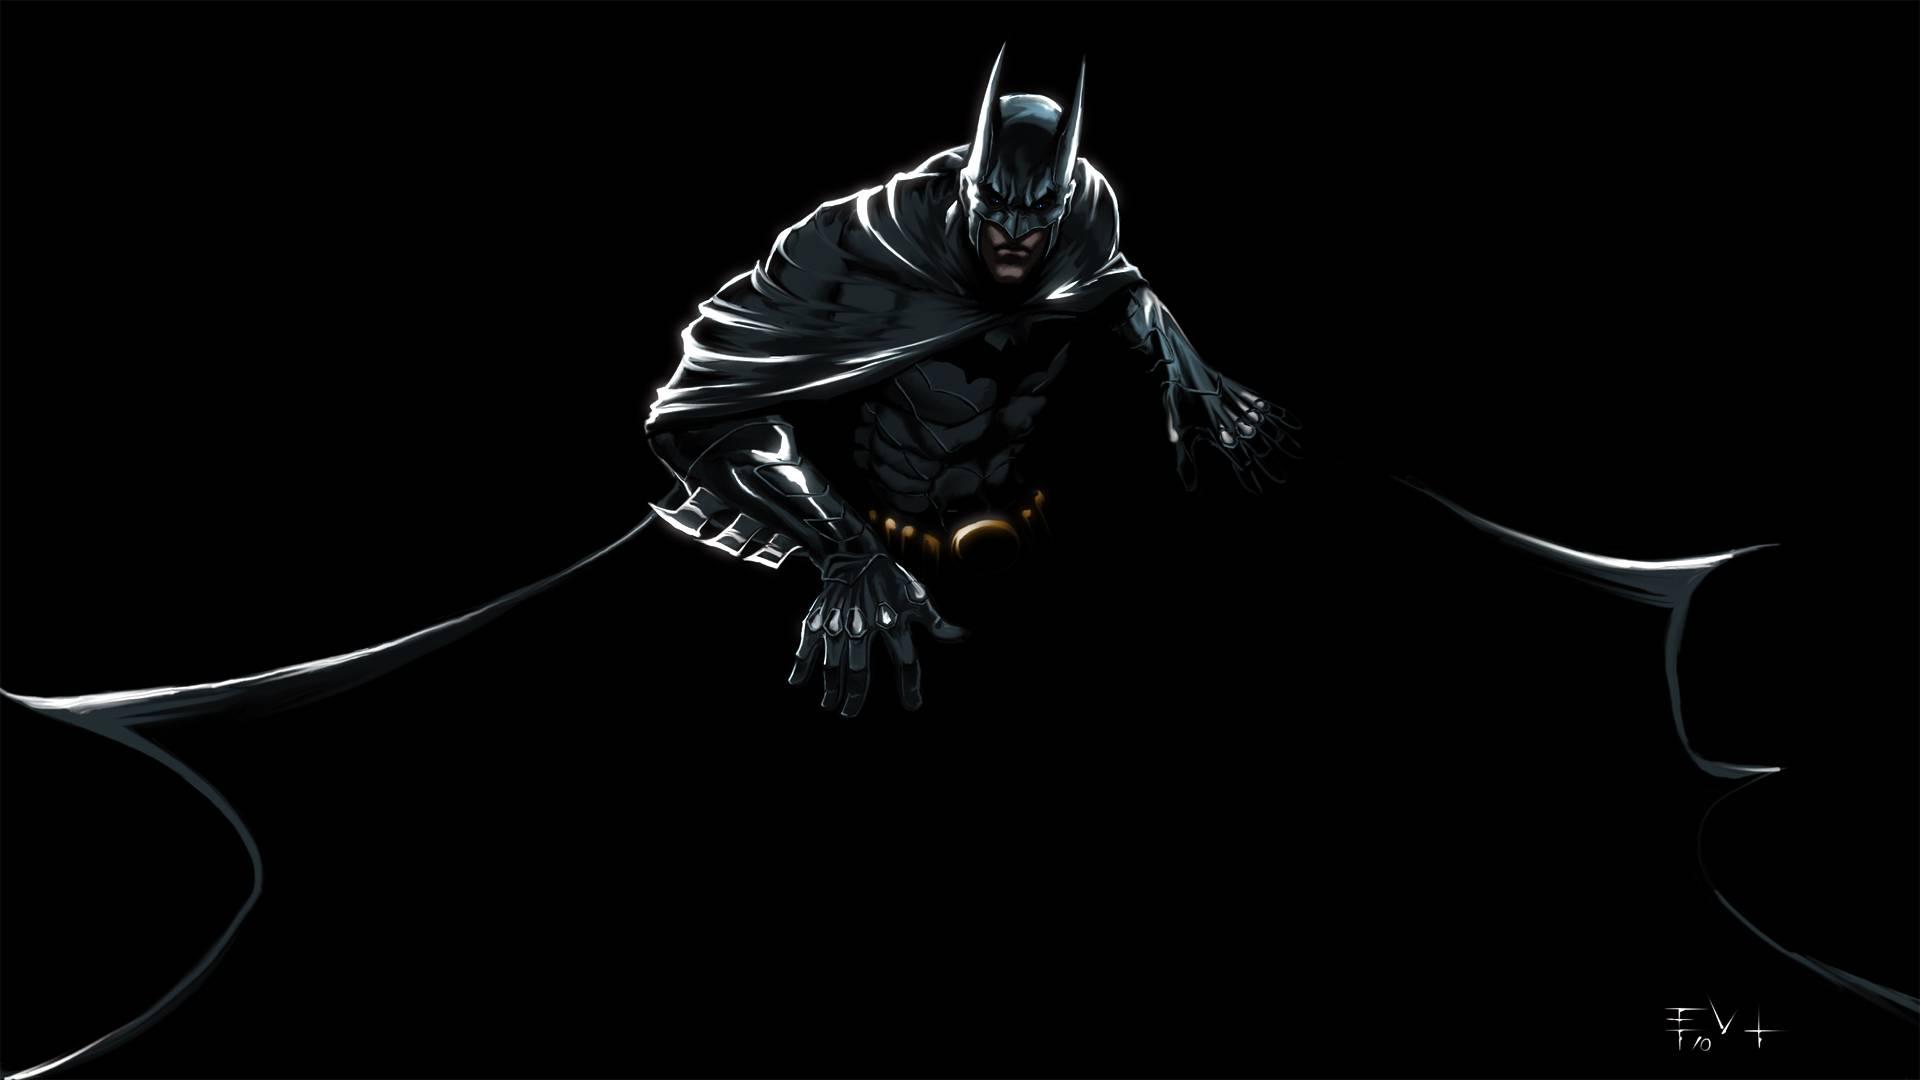 batman   Batman Wallpaper 1920x1080